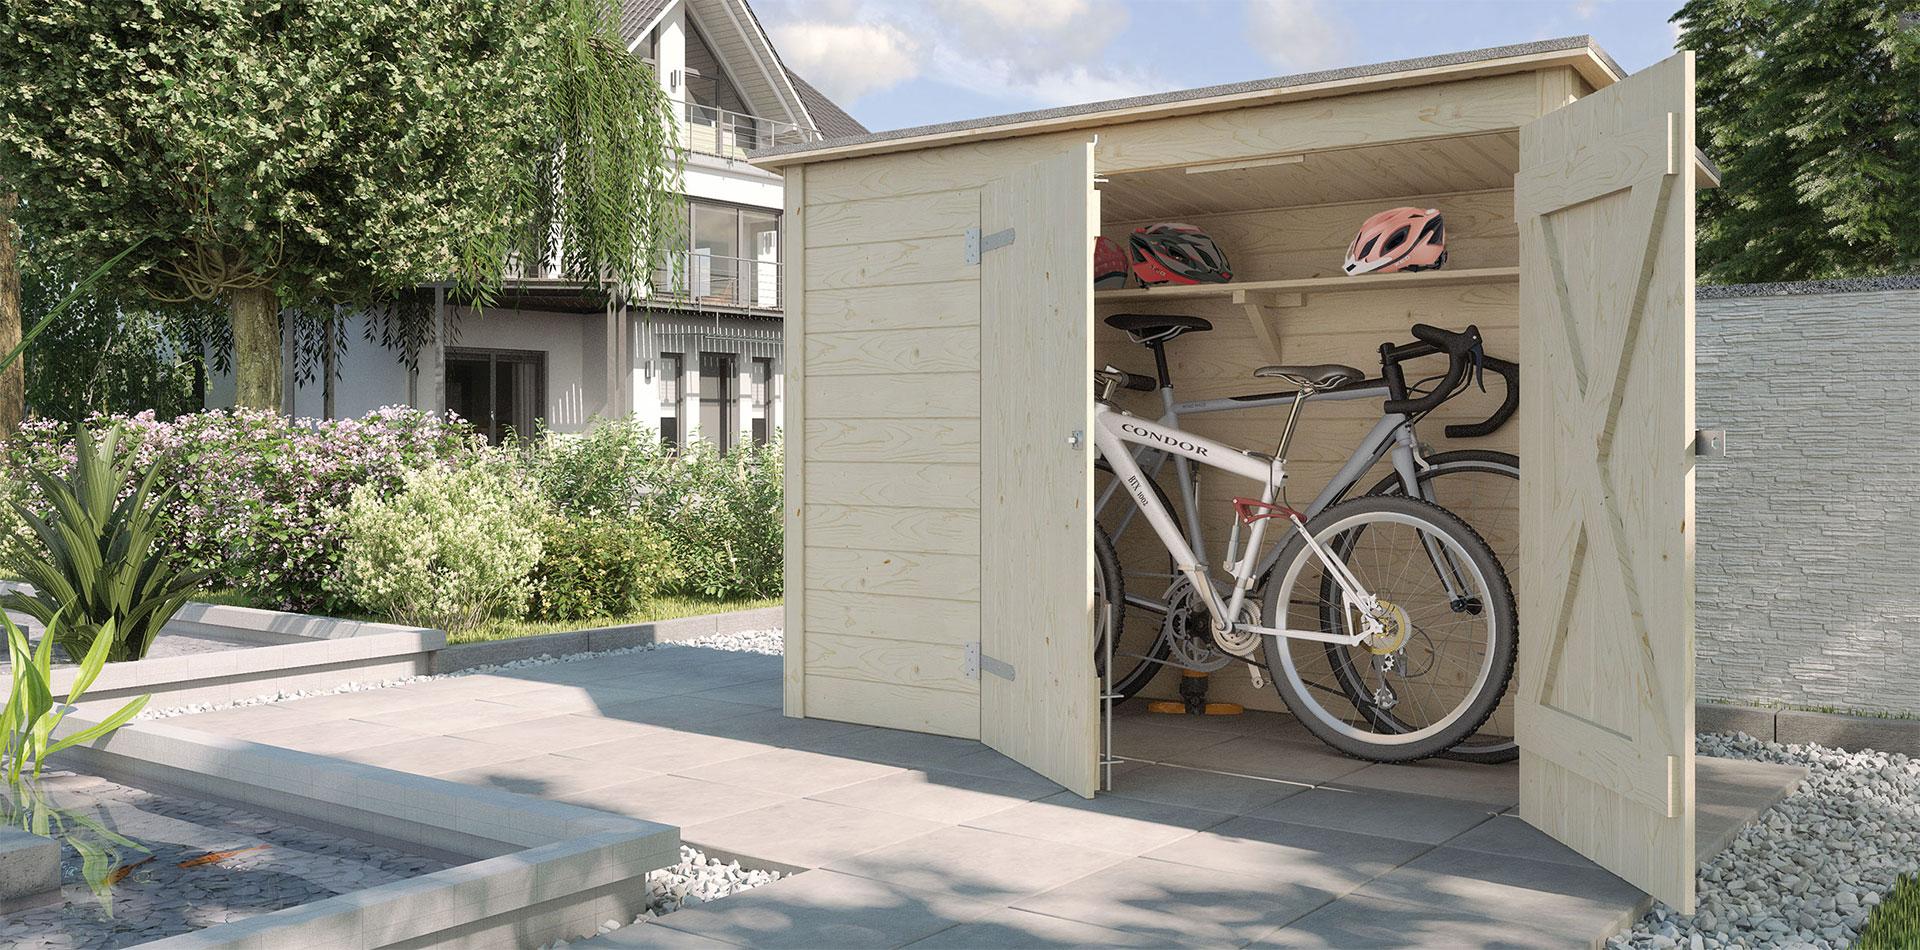 Fahrradgarage aus Holz von WEKA mit Ablage für Fahrradhelme